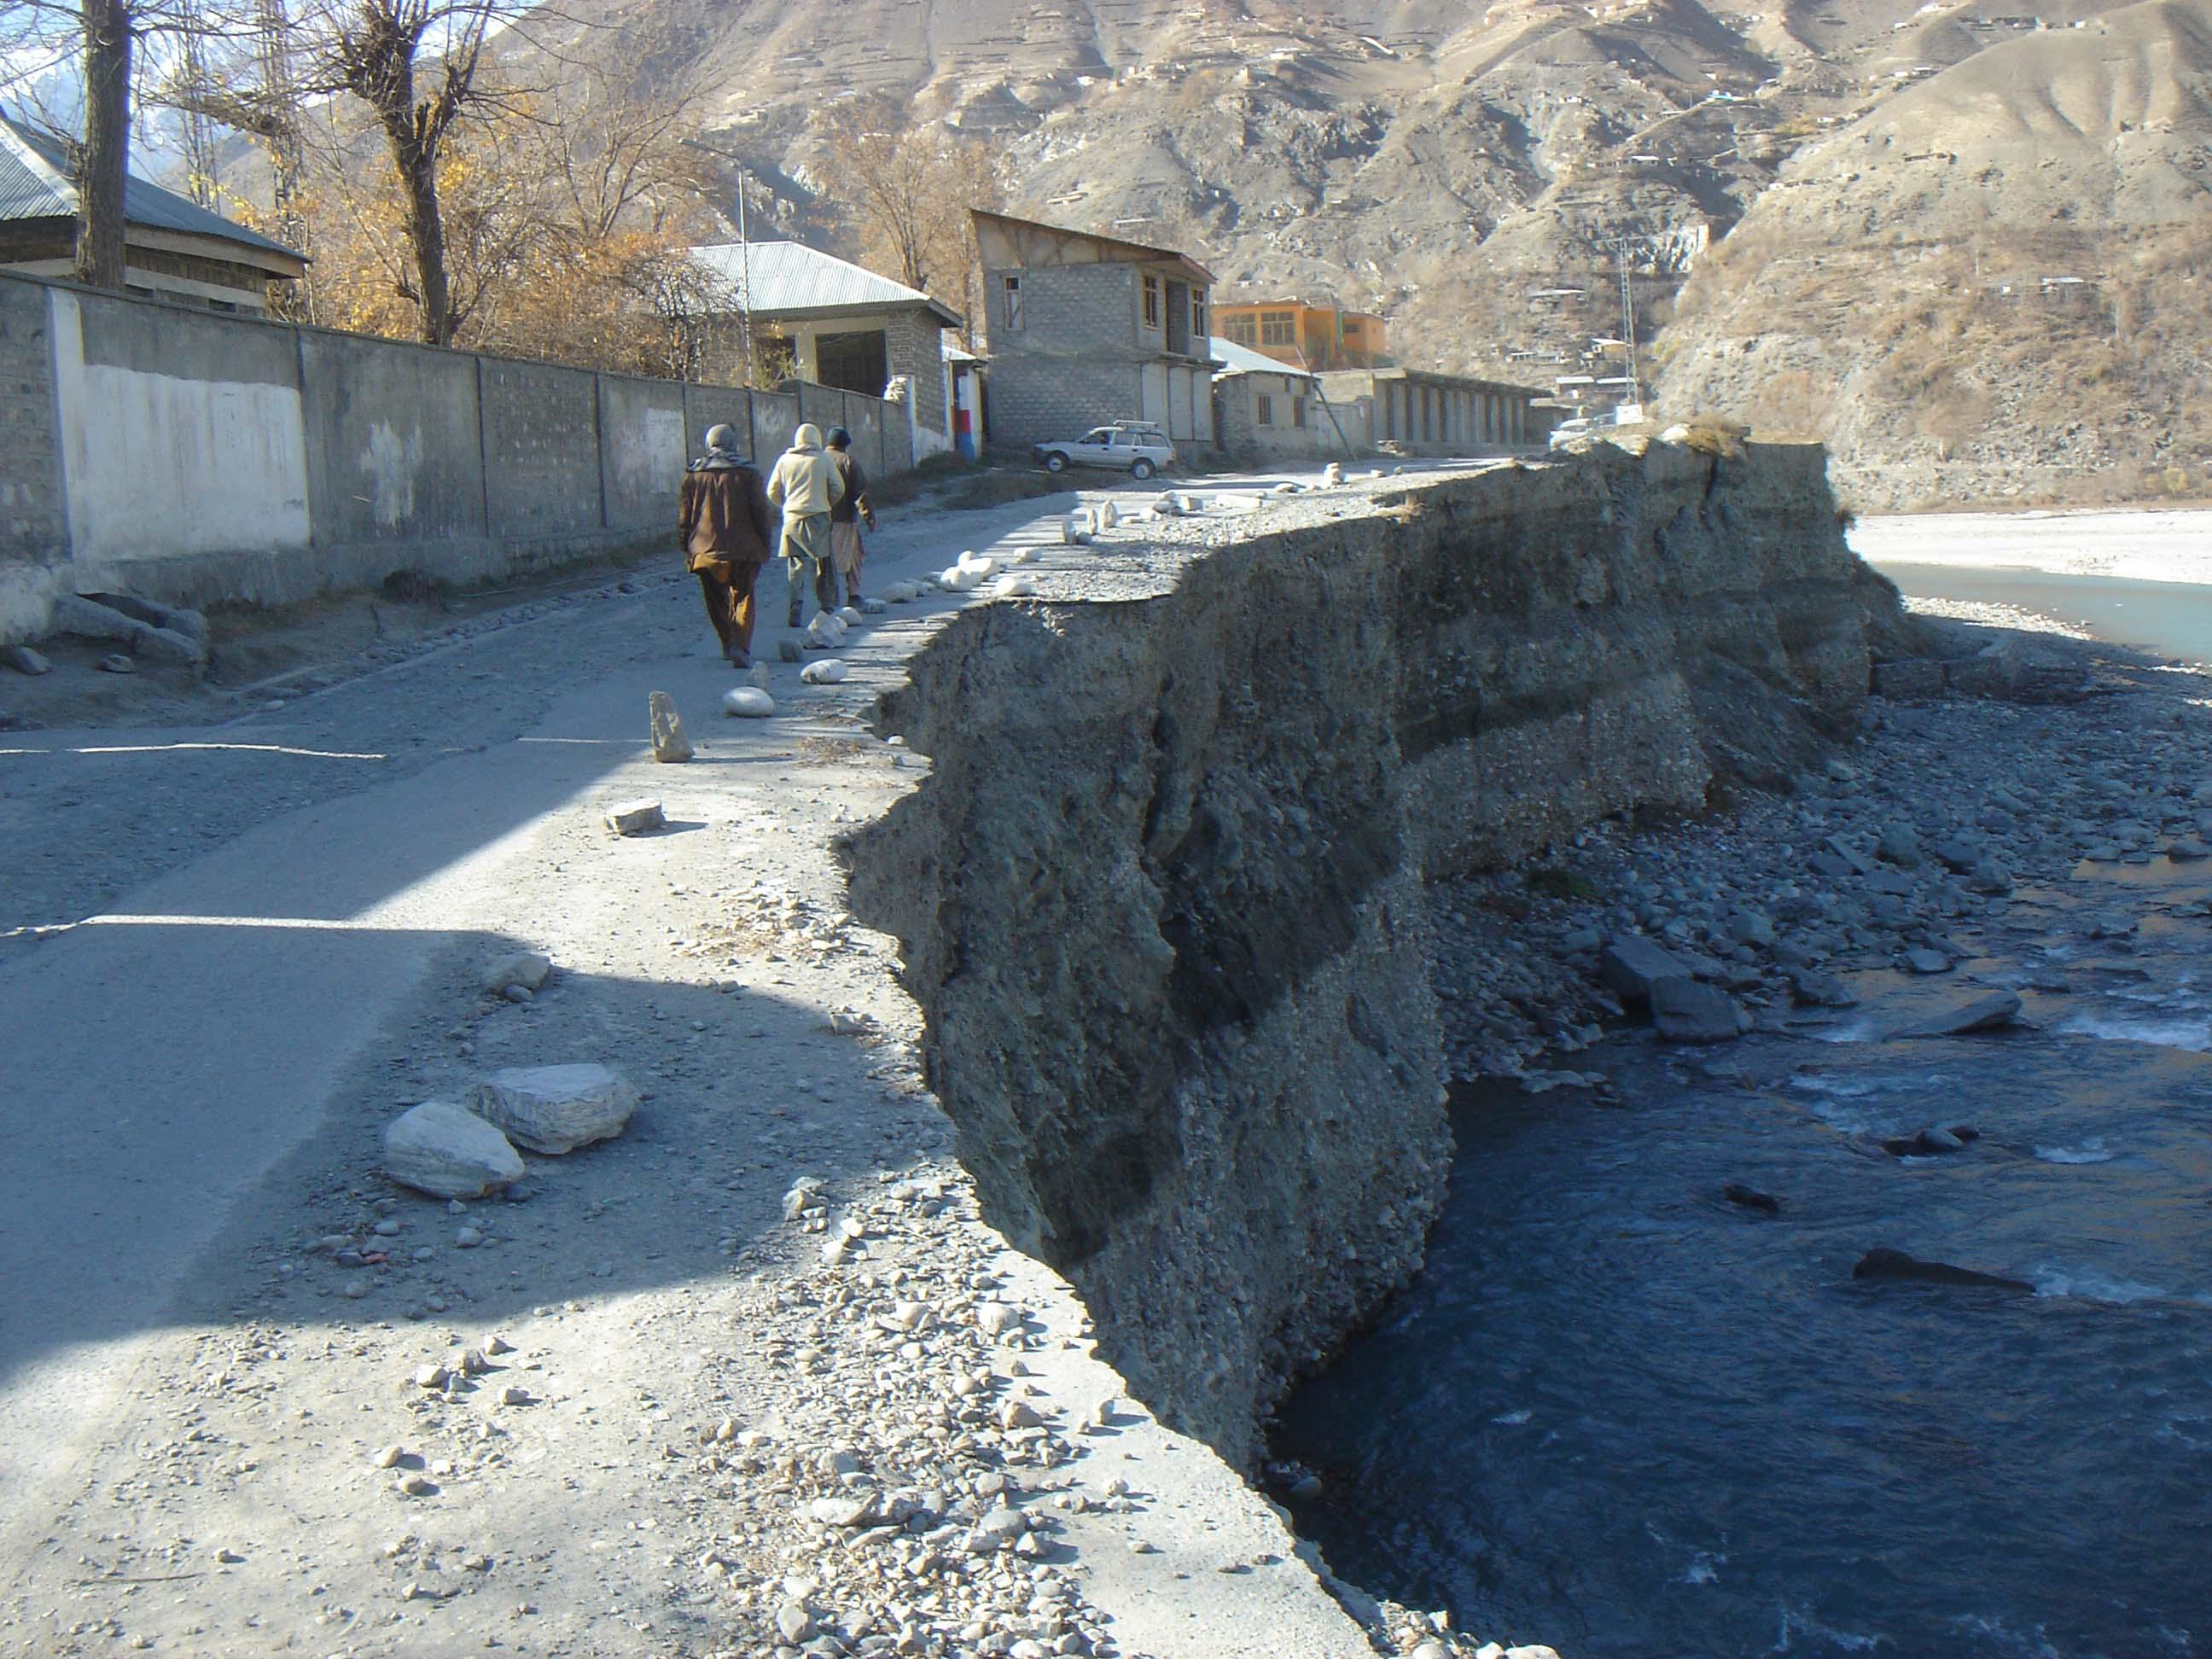 مستوج روڈ دریا کی کٹائی کی وجہ سے خطرے میں